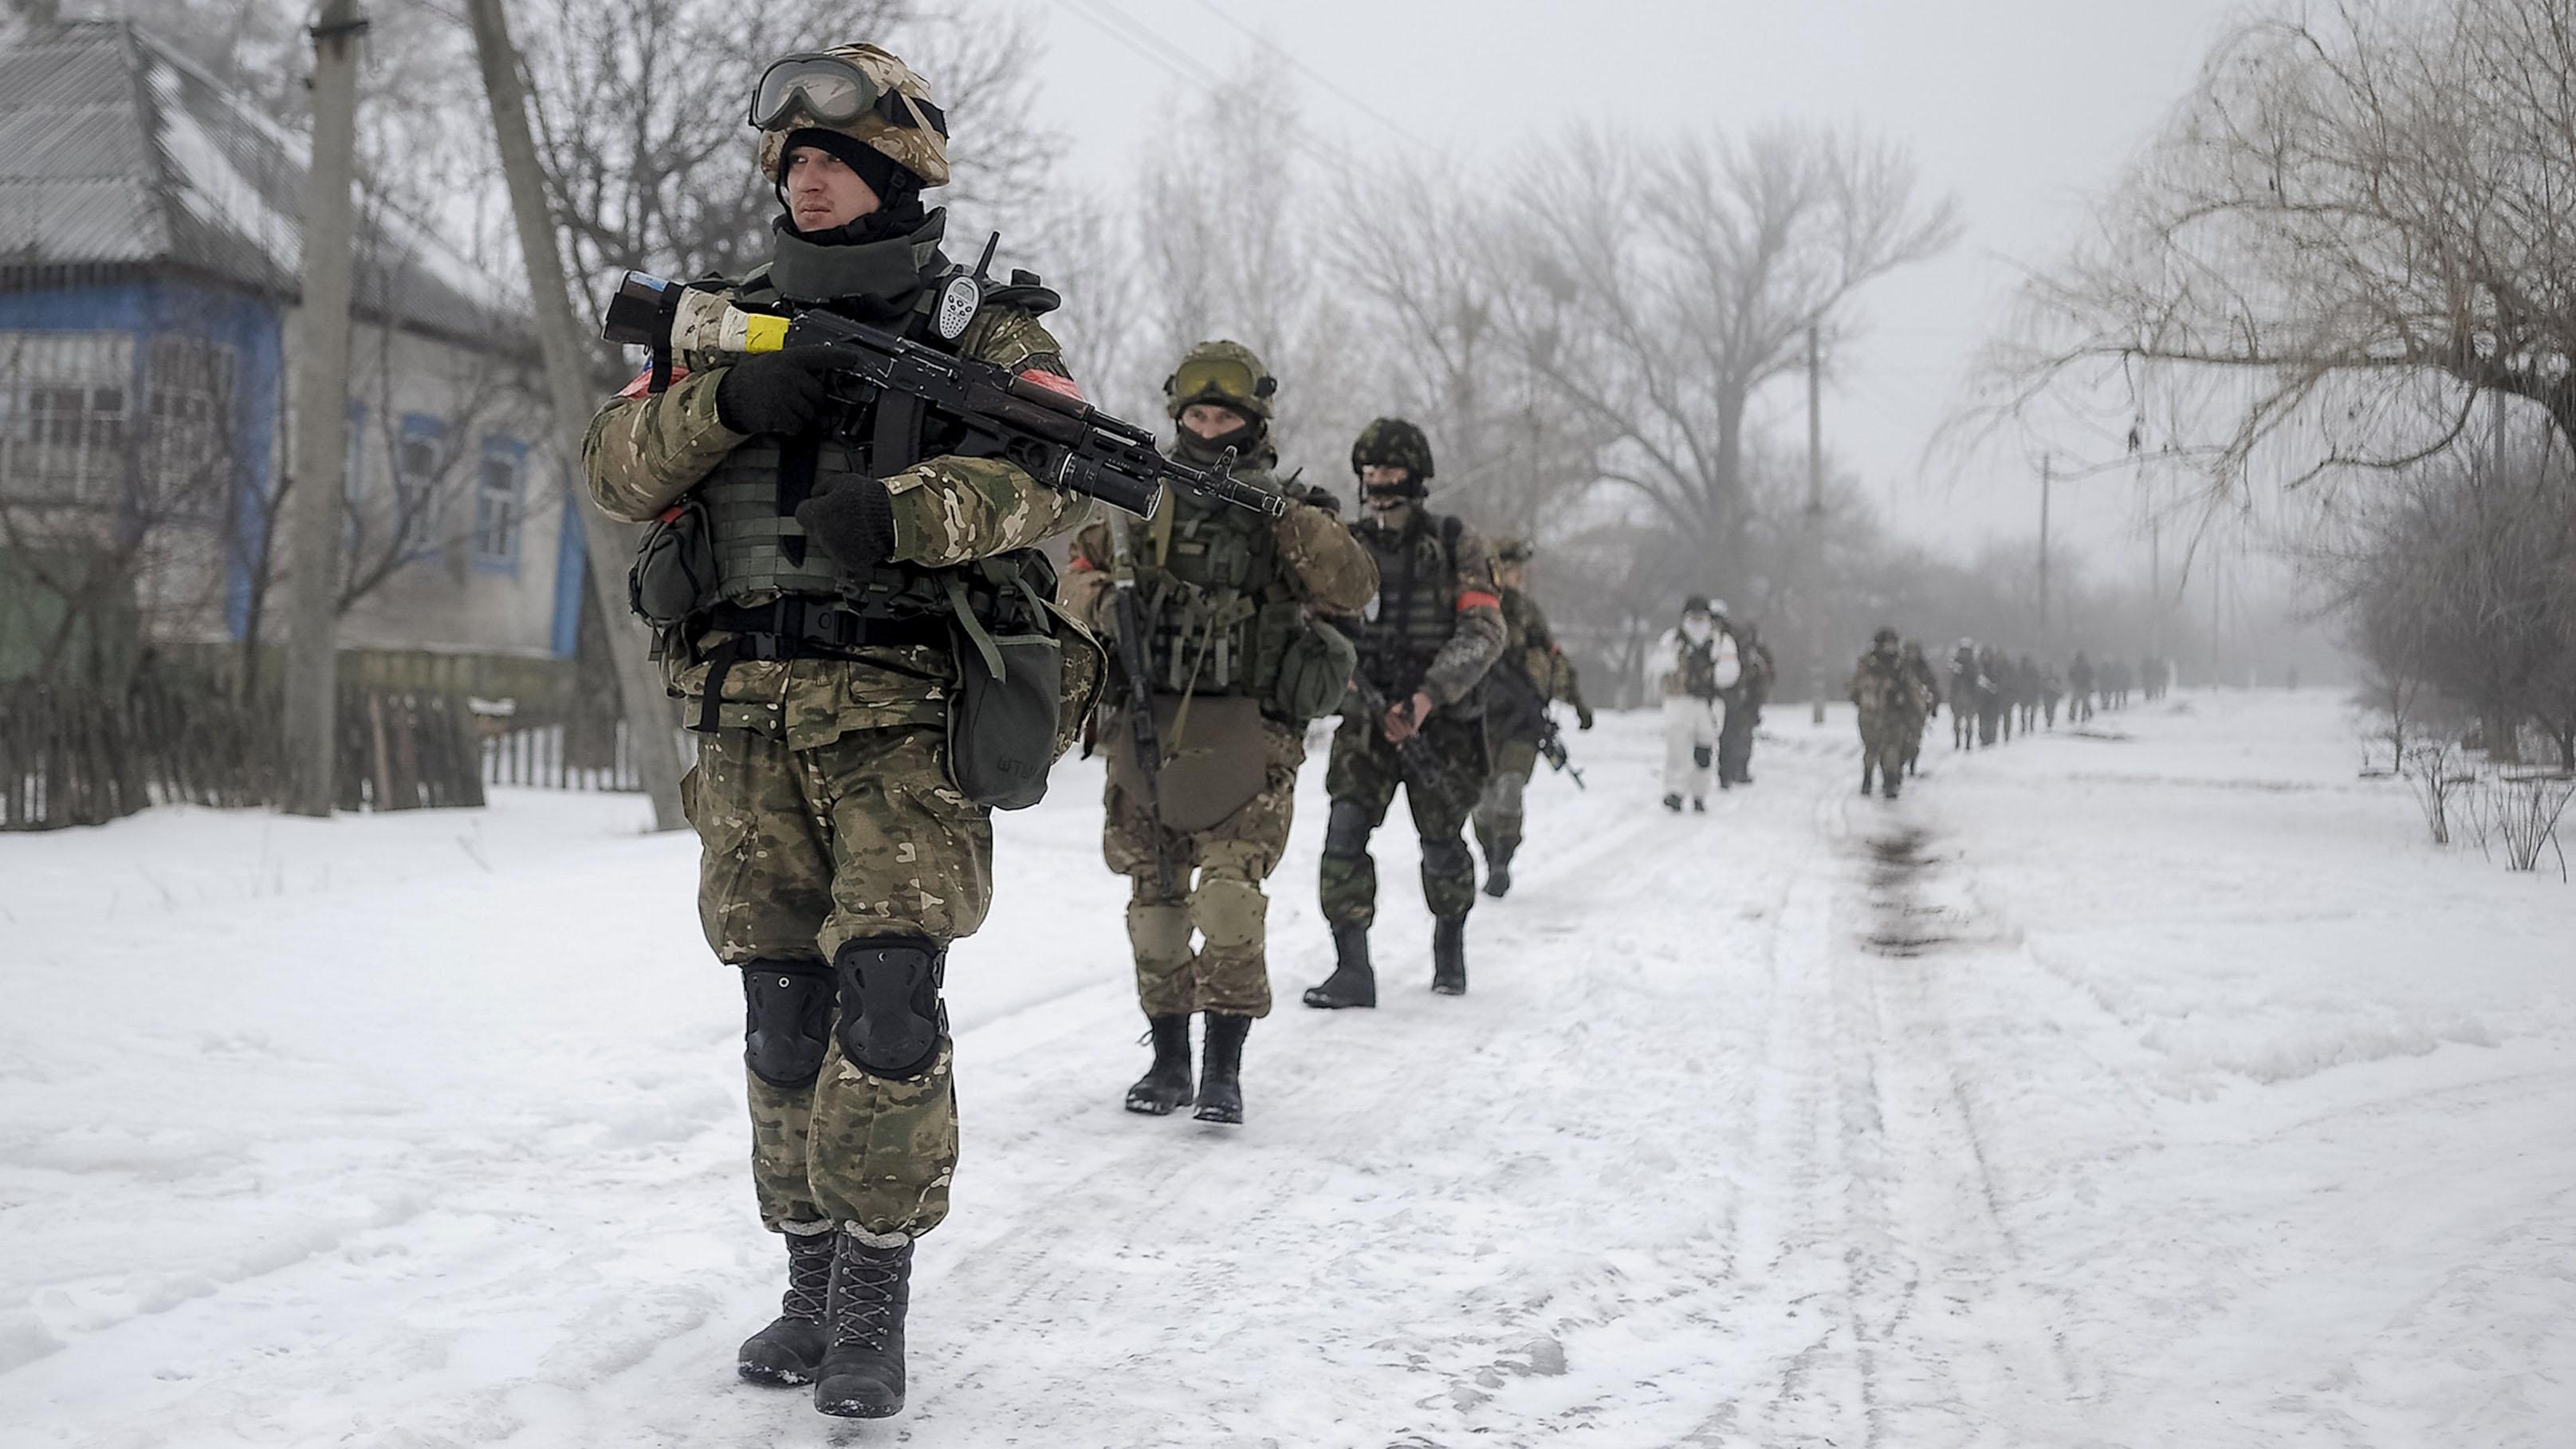 Сьогодні сепаратисти здійснили 14 збройних провокацій проти військових— Штаб АТО